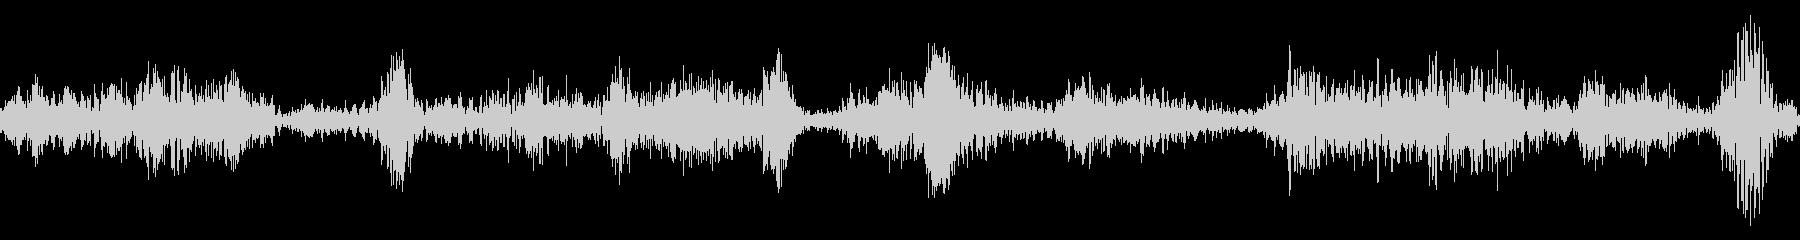 ラジオスキャンの調整1の未再生の波形